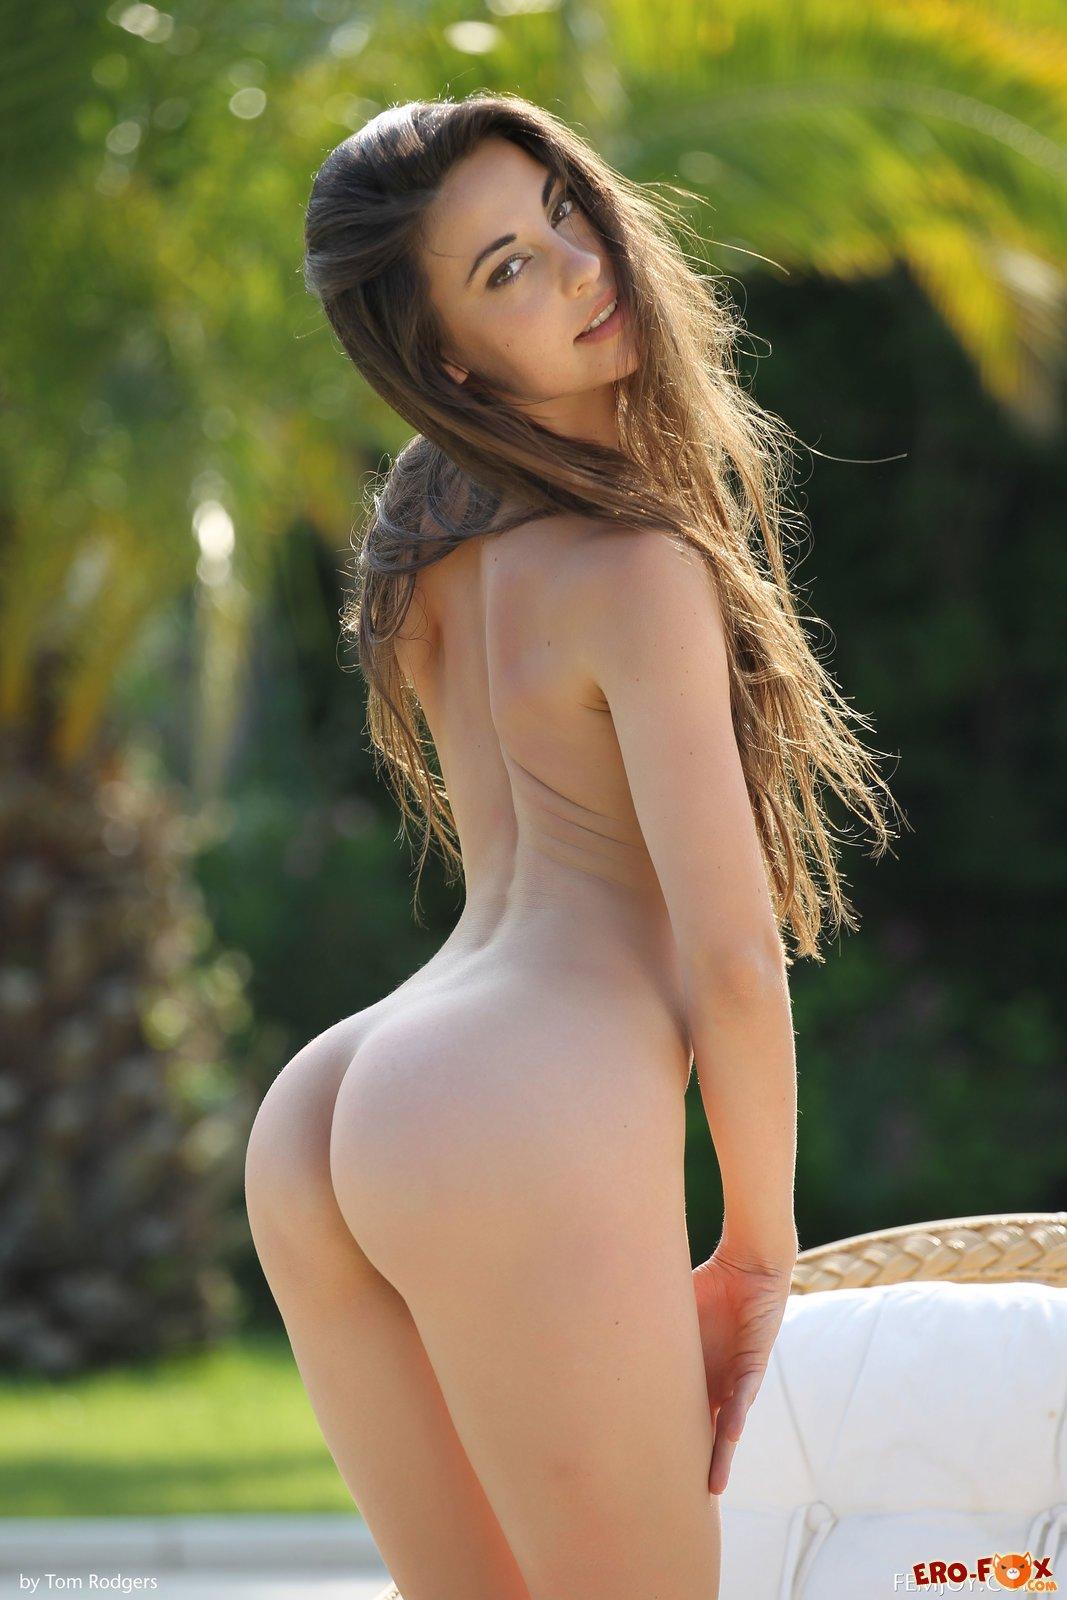 Голая девушка с длинными волосами  голой брюнетки.